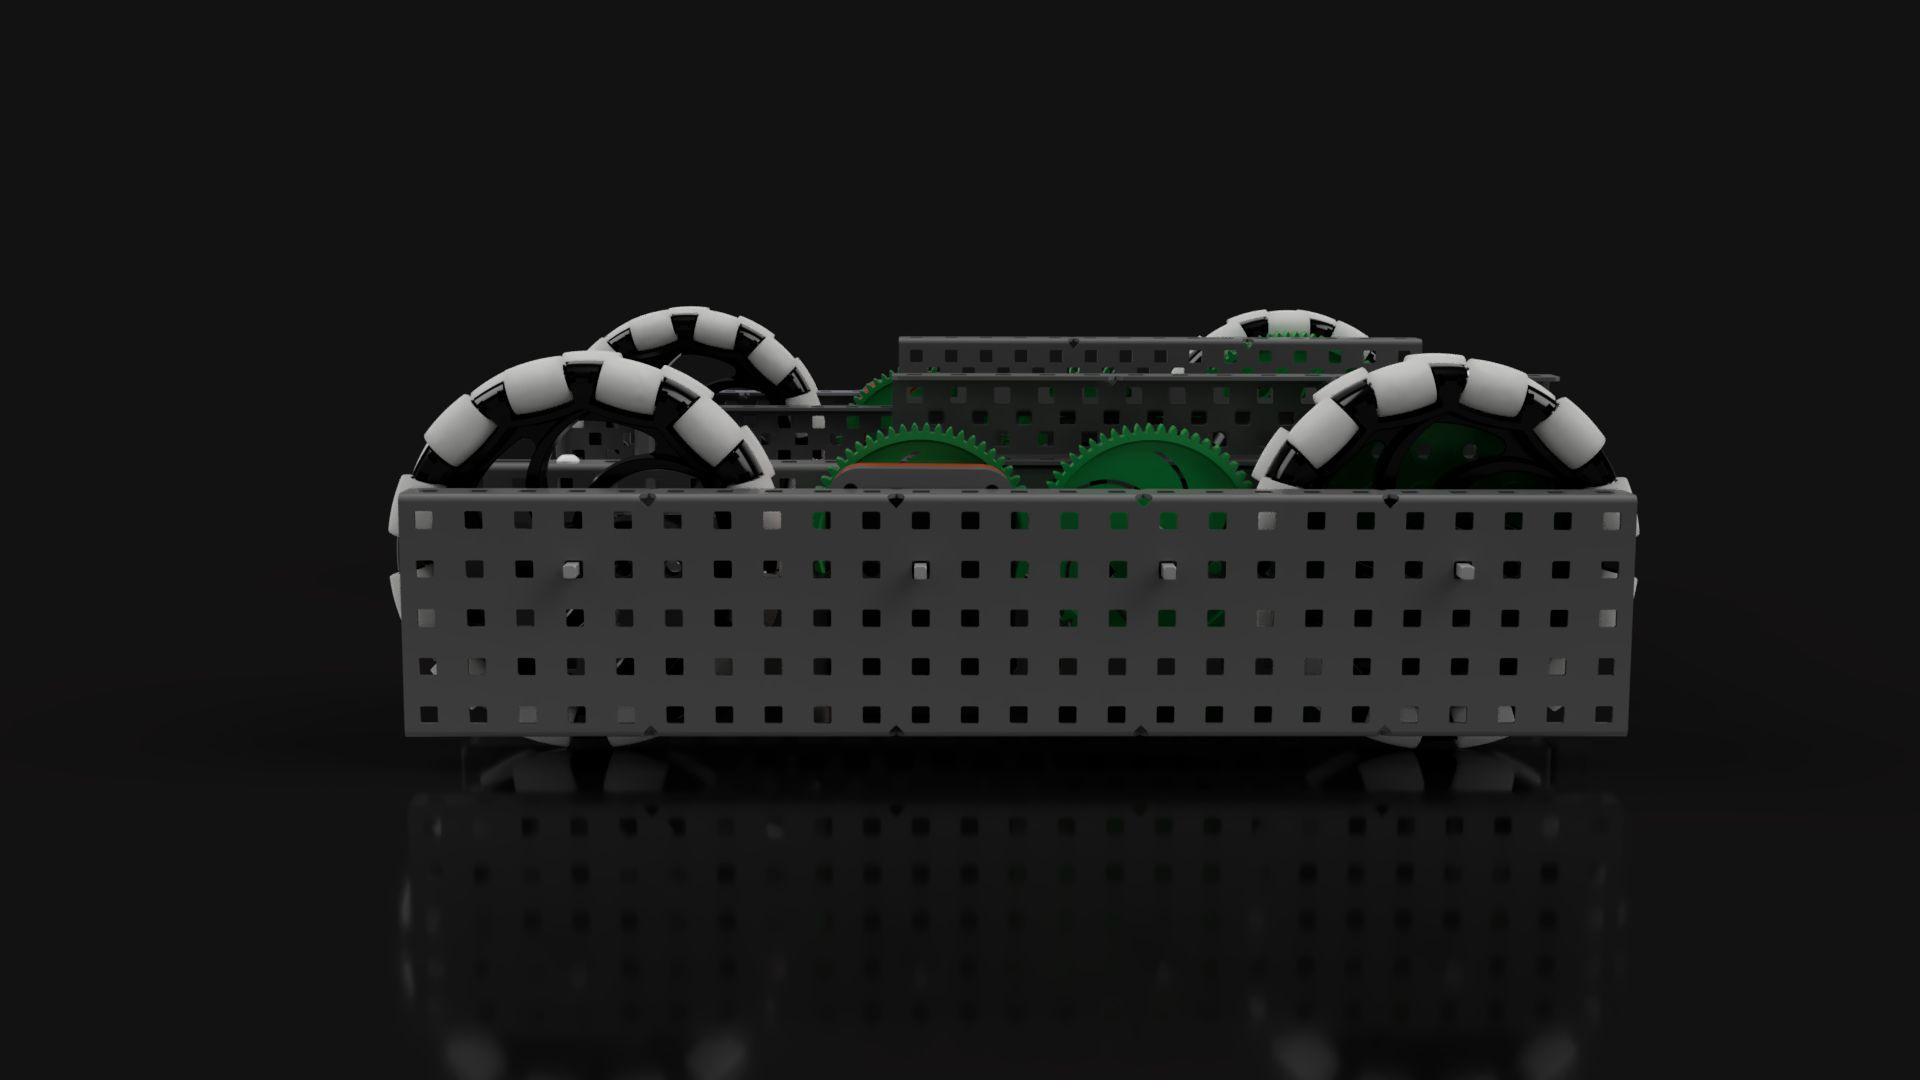 Robotic-traction---vex-robotics-v5-design-2019-jun-09-10-56-04pm-000-customizedview489638520-png-3500-3500